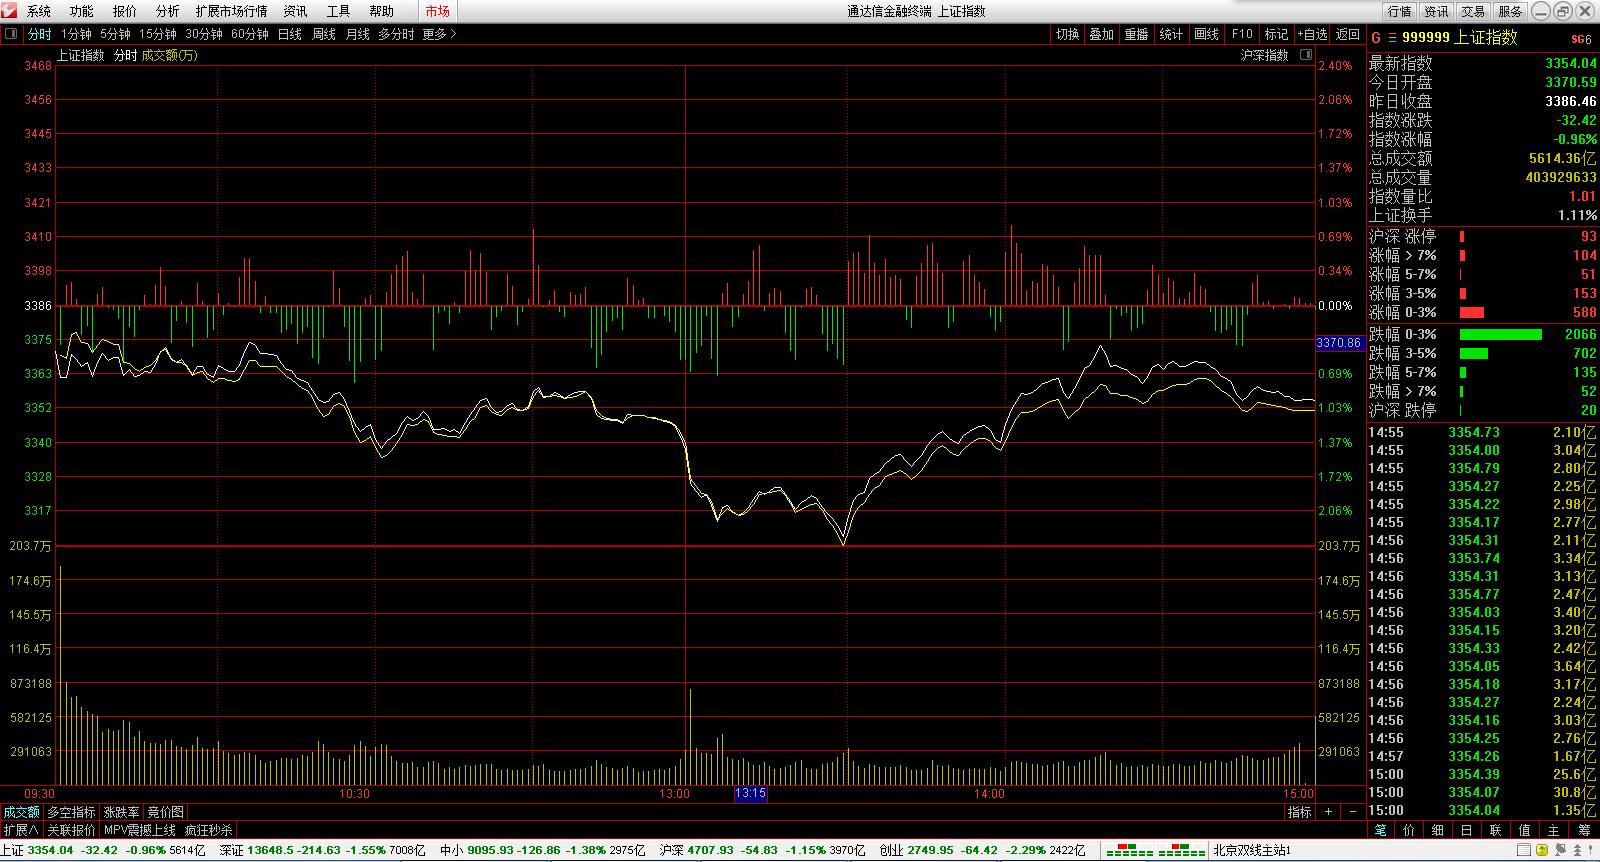 股票开户能低到多少钱?门槛是多少?